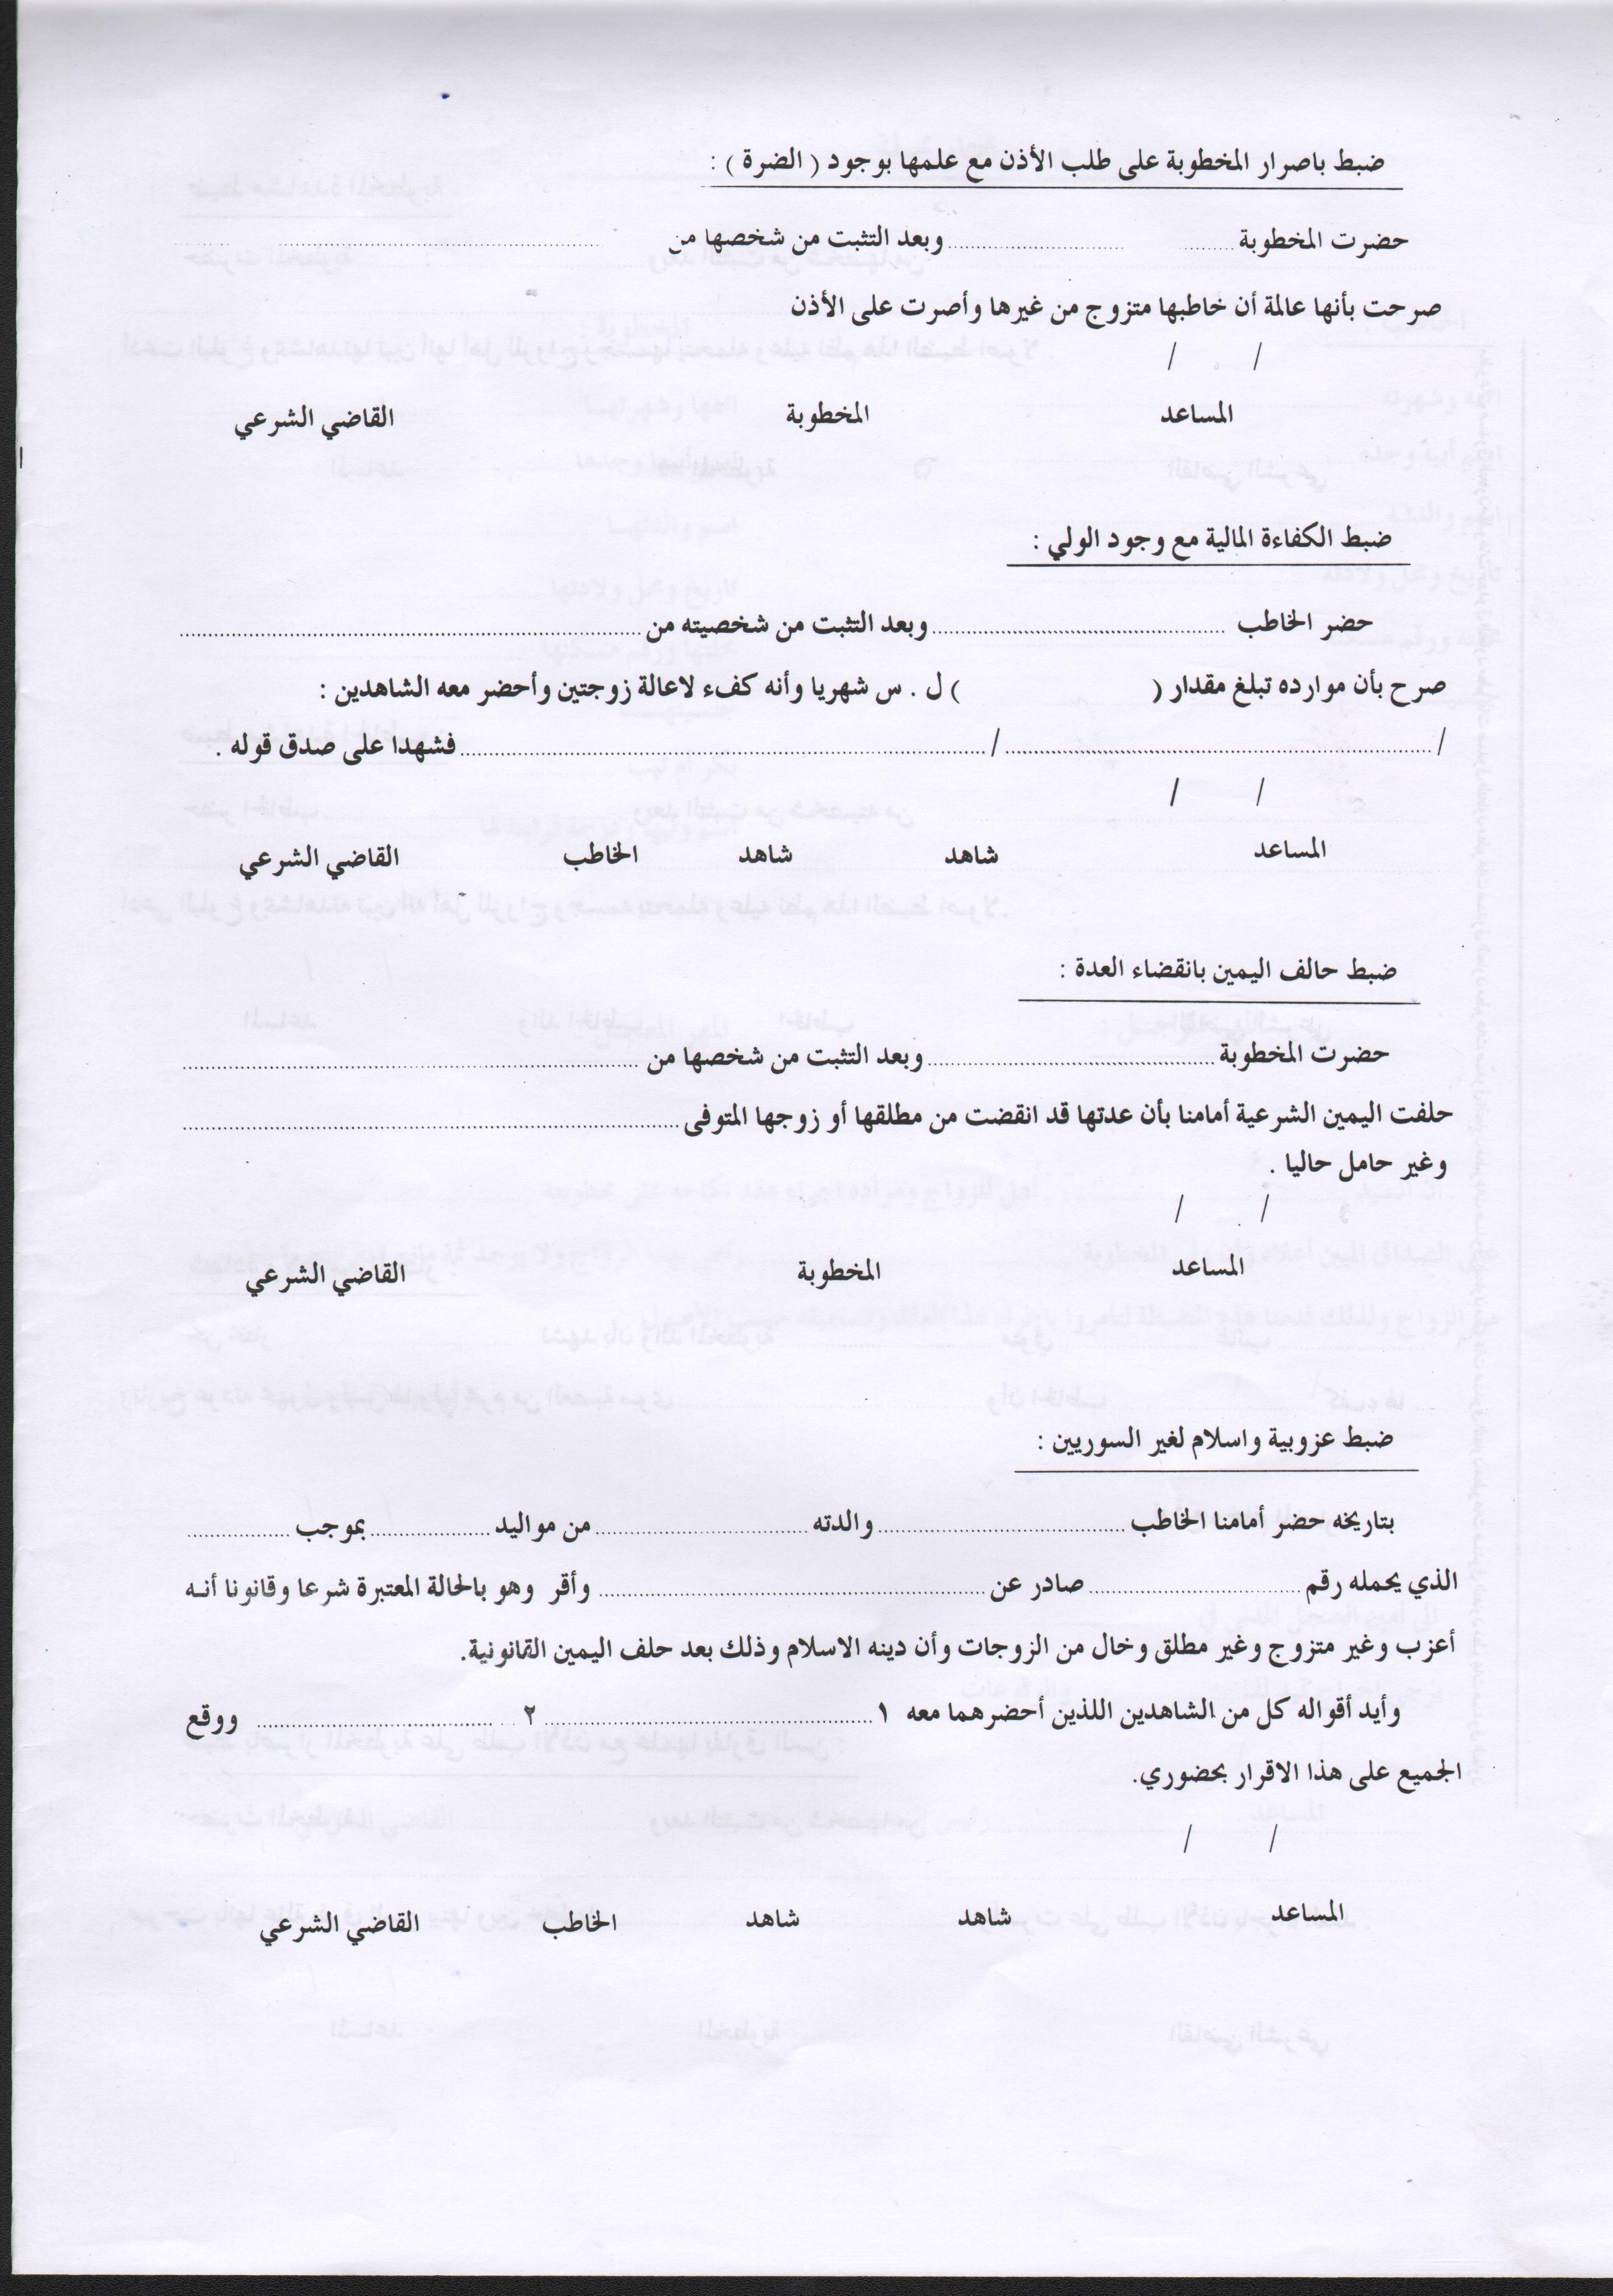 وثيقة عقد زواج عرفى pdf